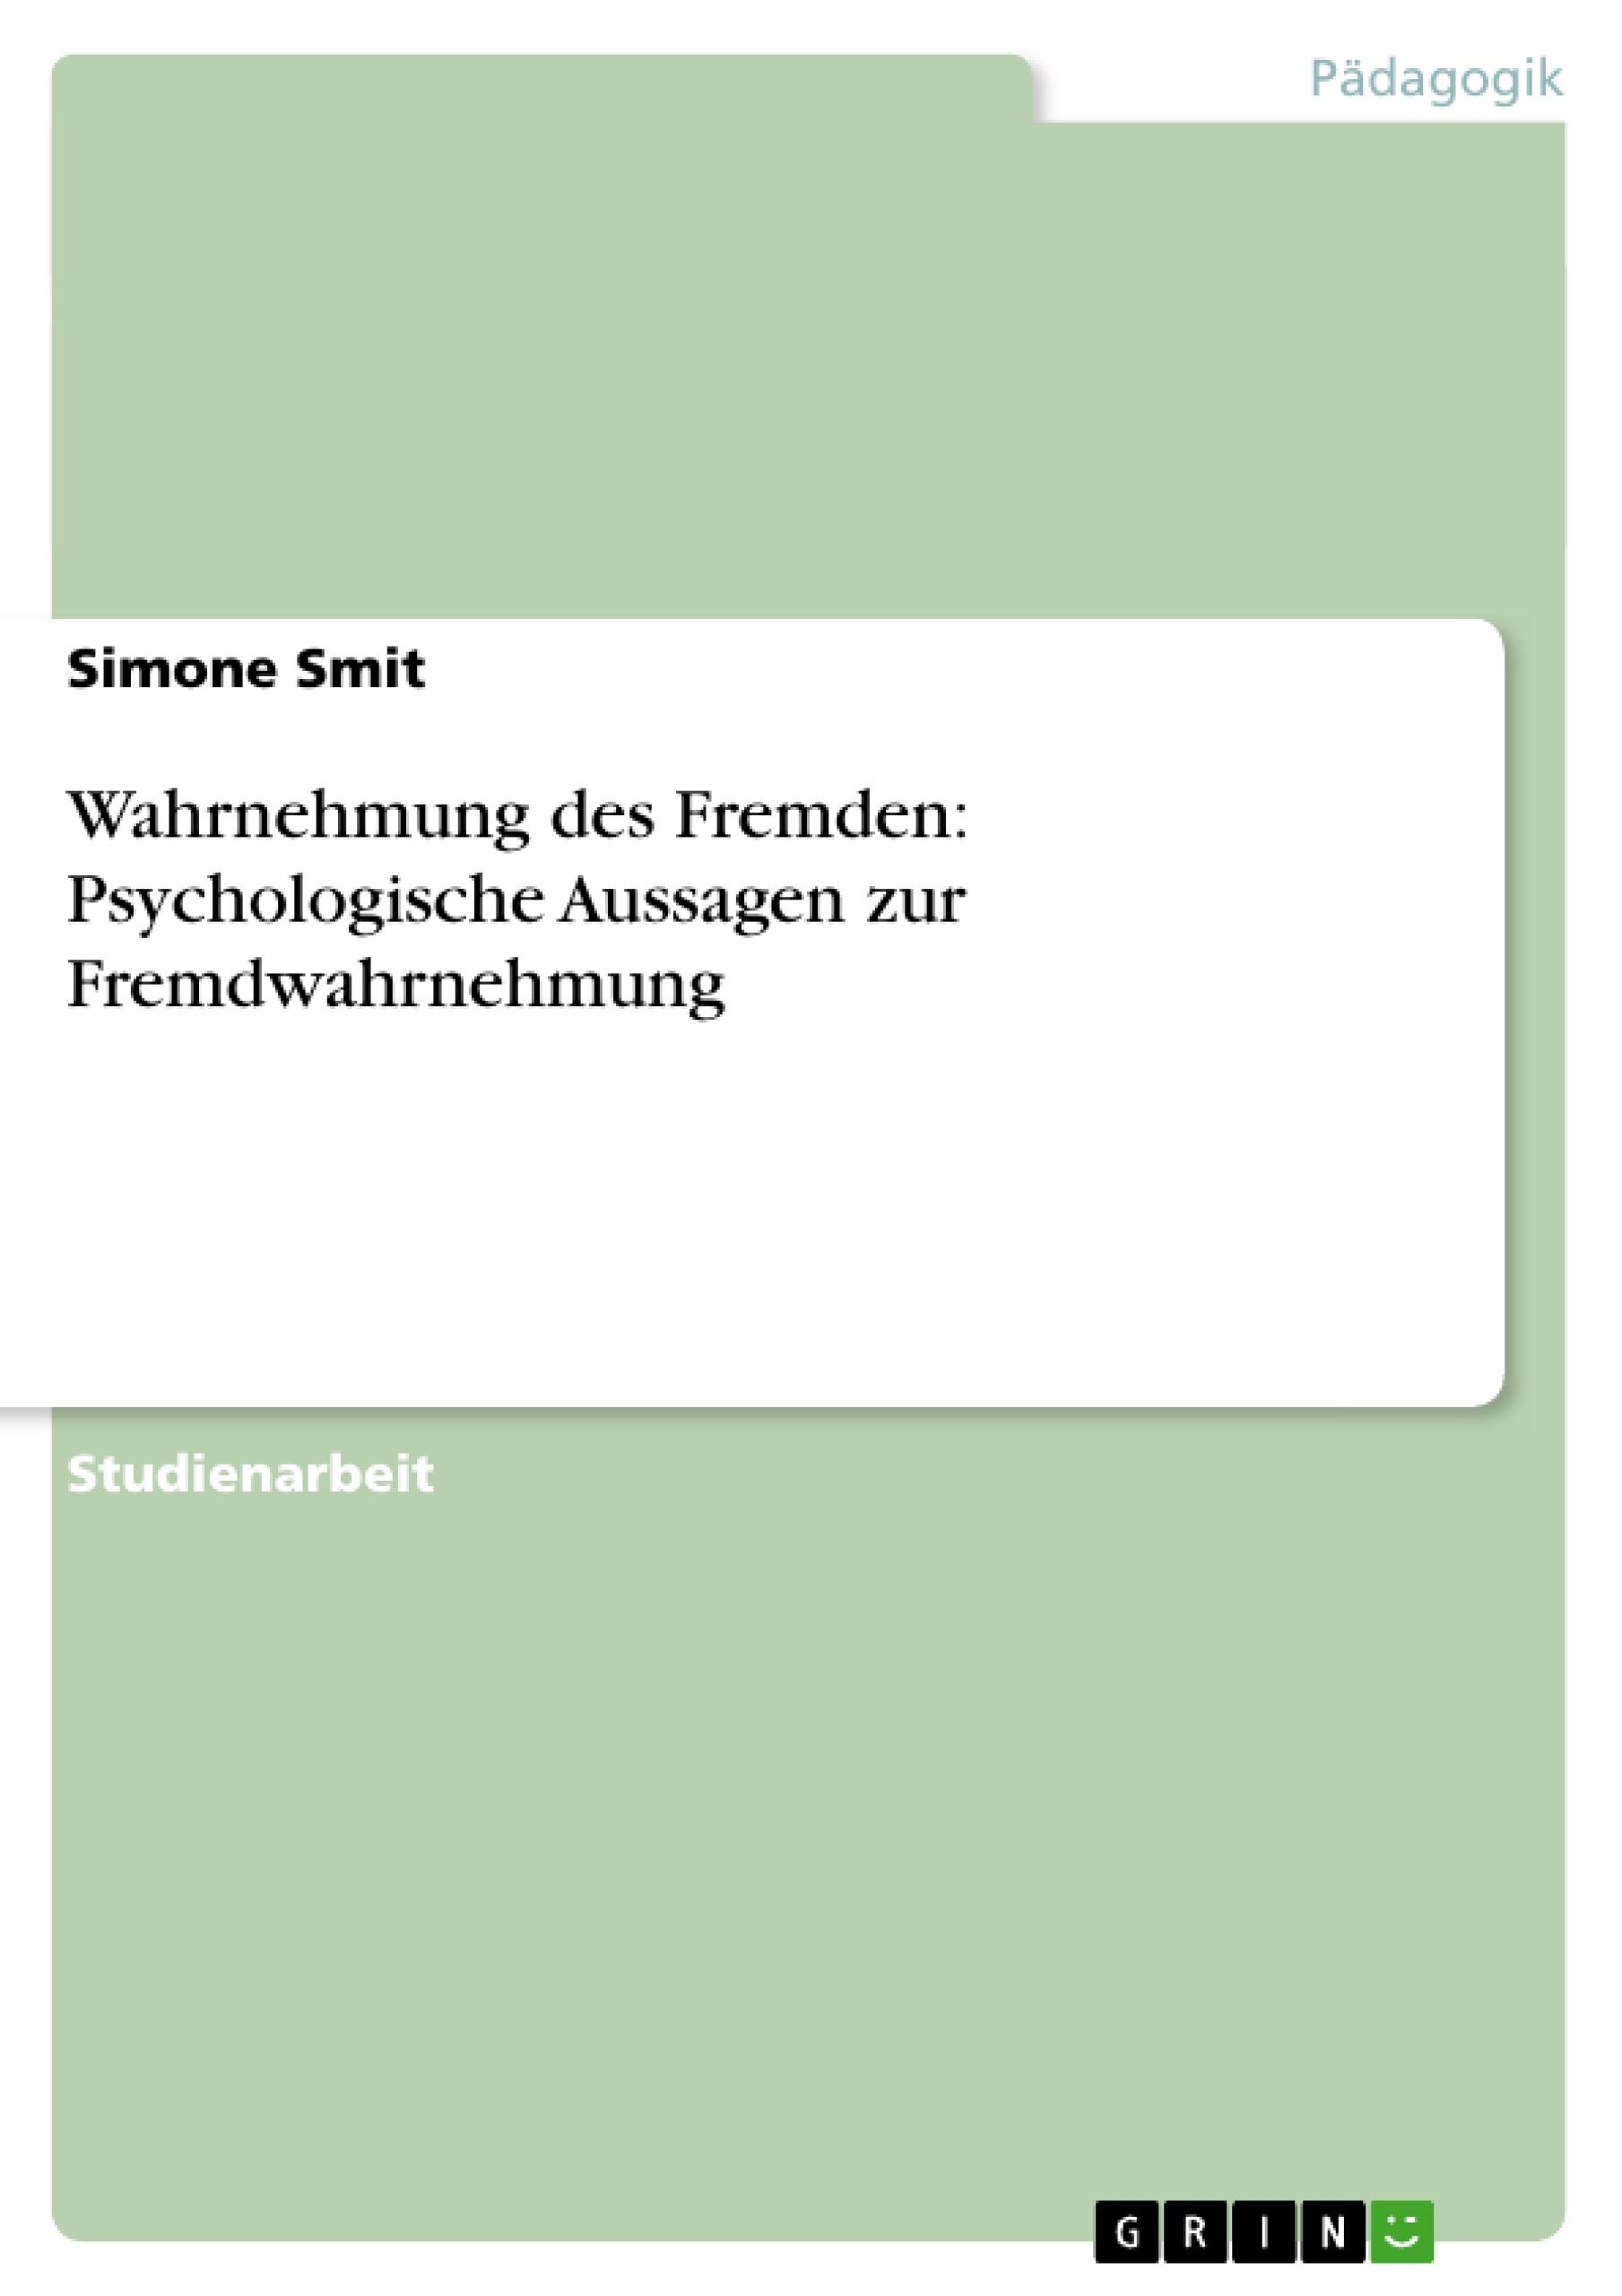 Titel: Wahrnehmung des Fremden: Psychologische Aussagen zur Fremdwahrnehmung